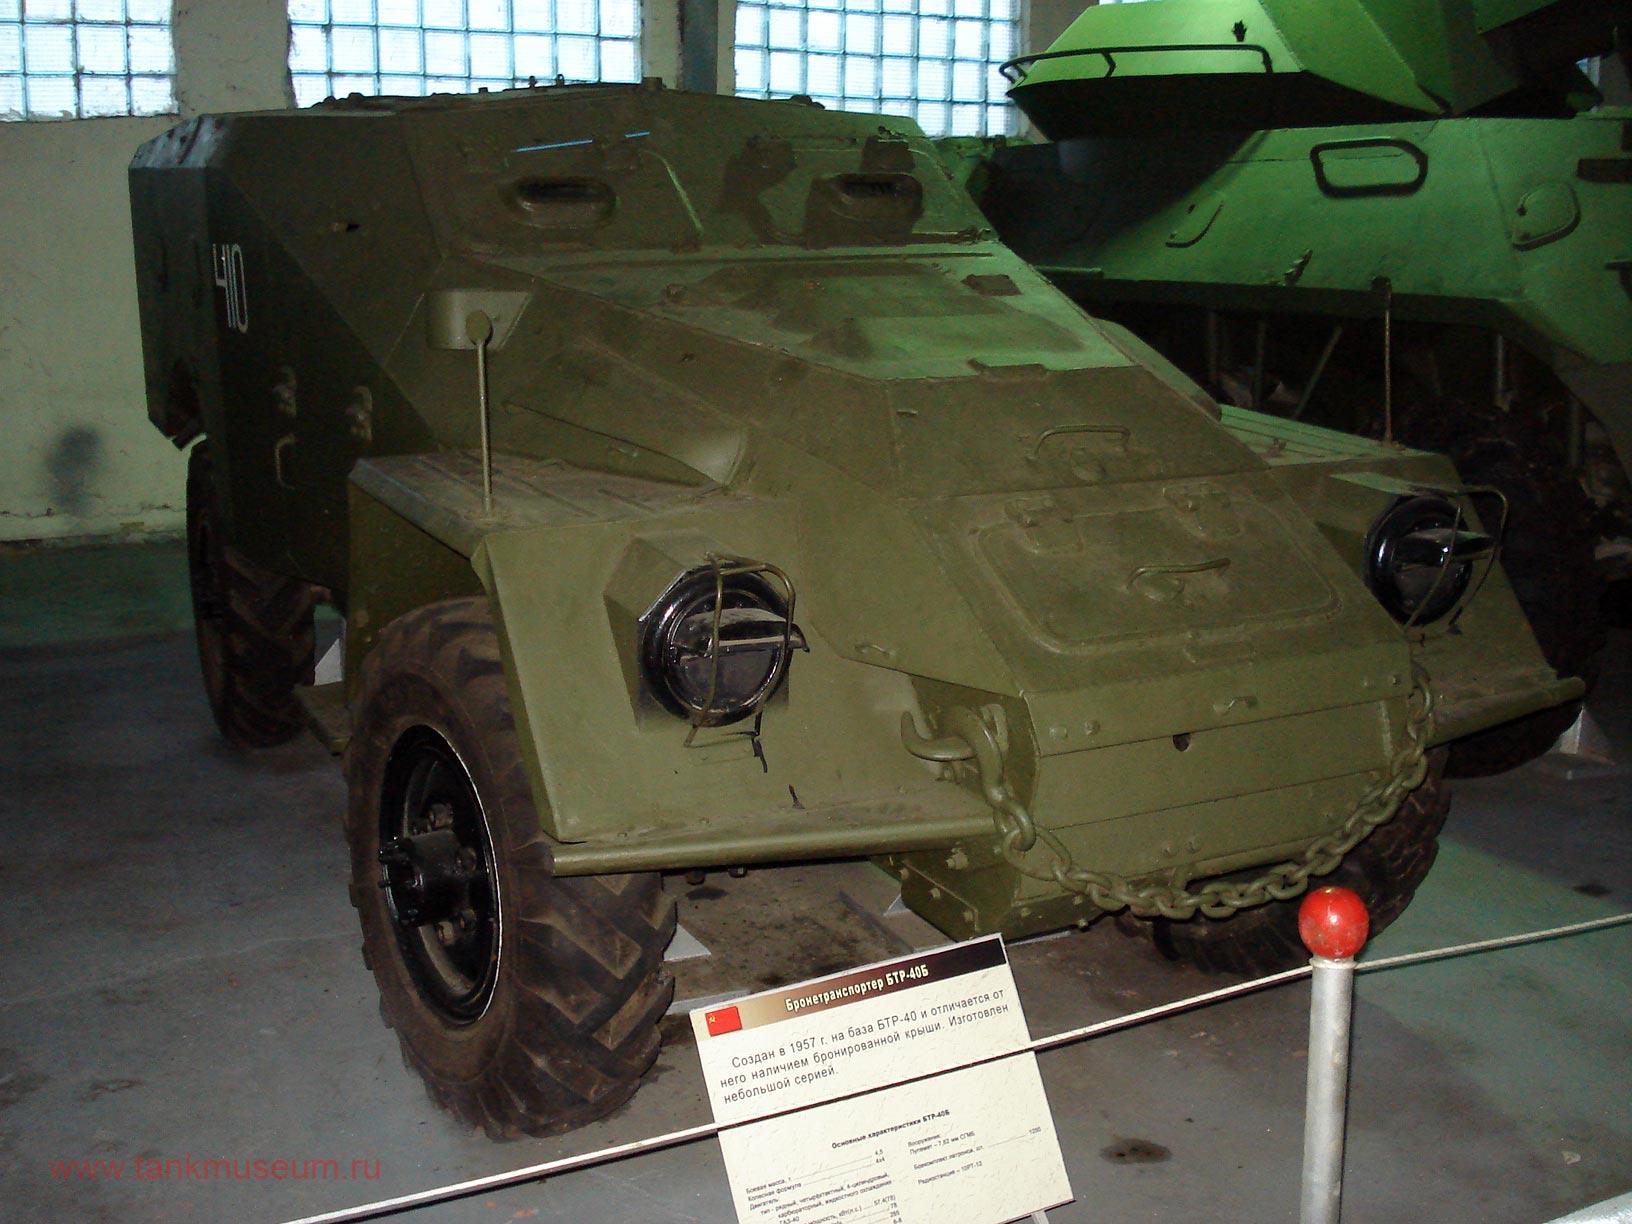 Бронетранспортер БТР-40Б с бронированной крышей, танковый музей в Кубинке